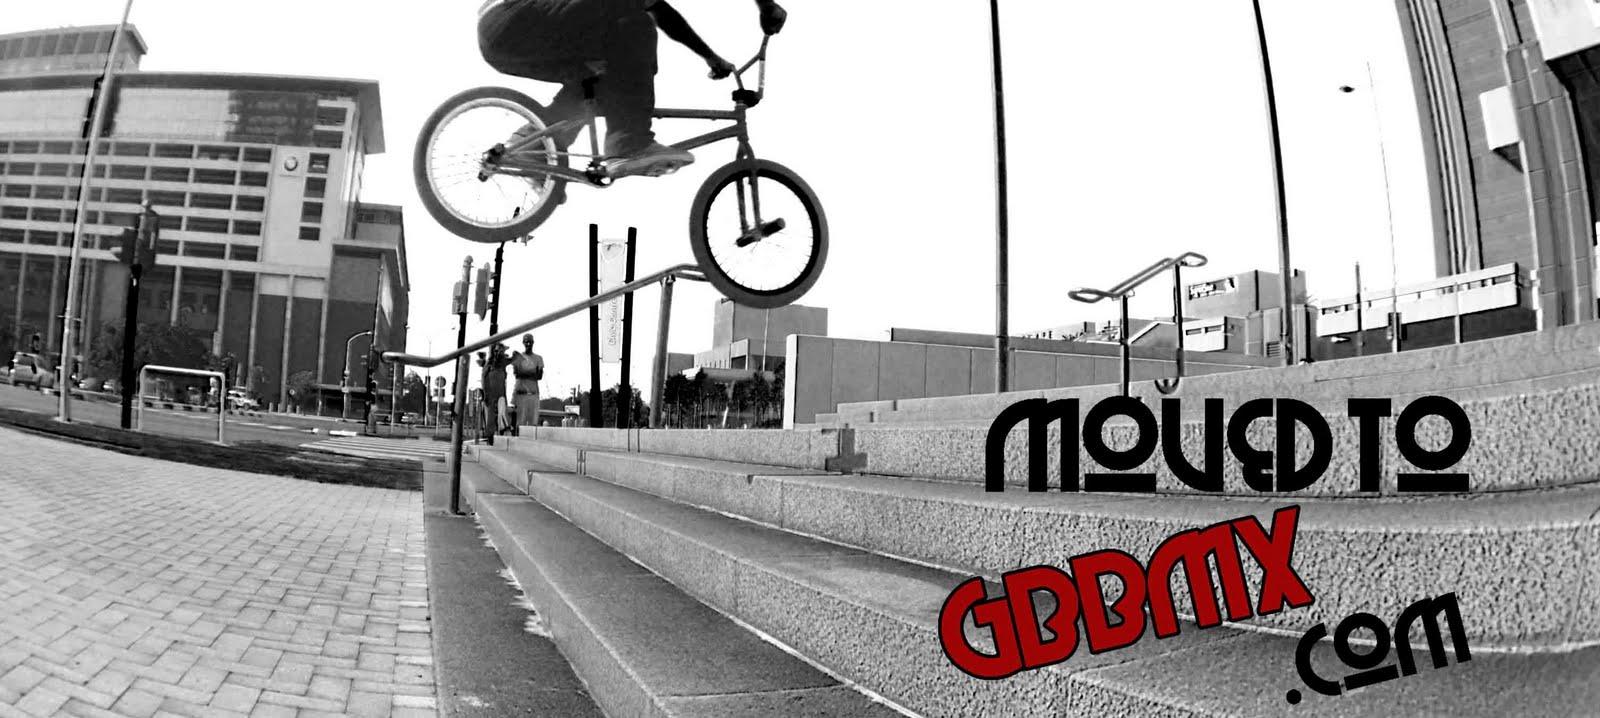 GB BMX